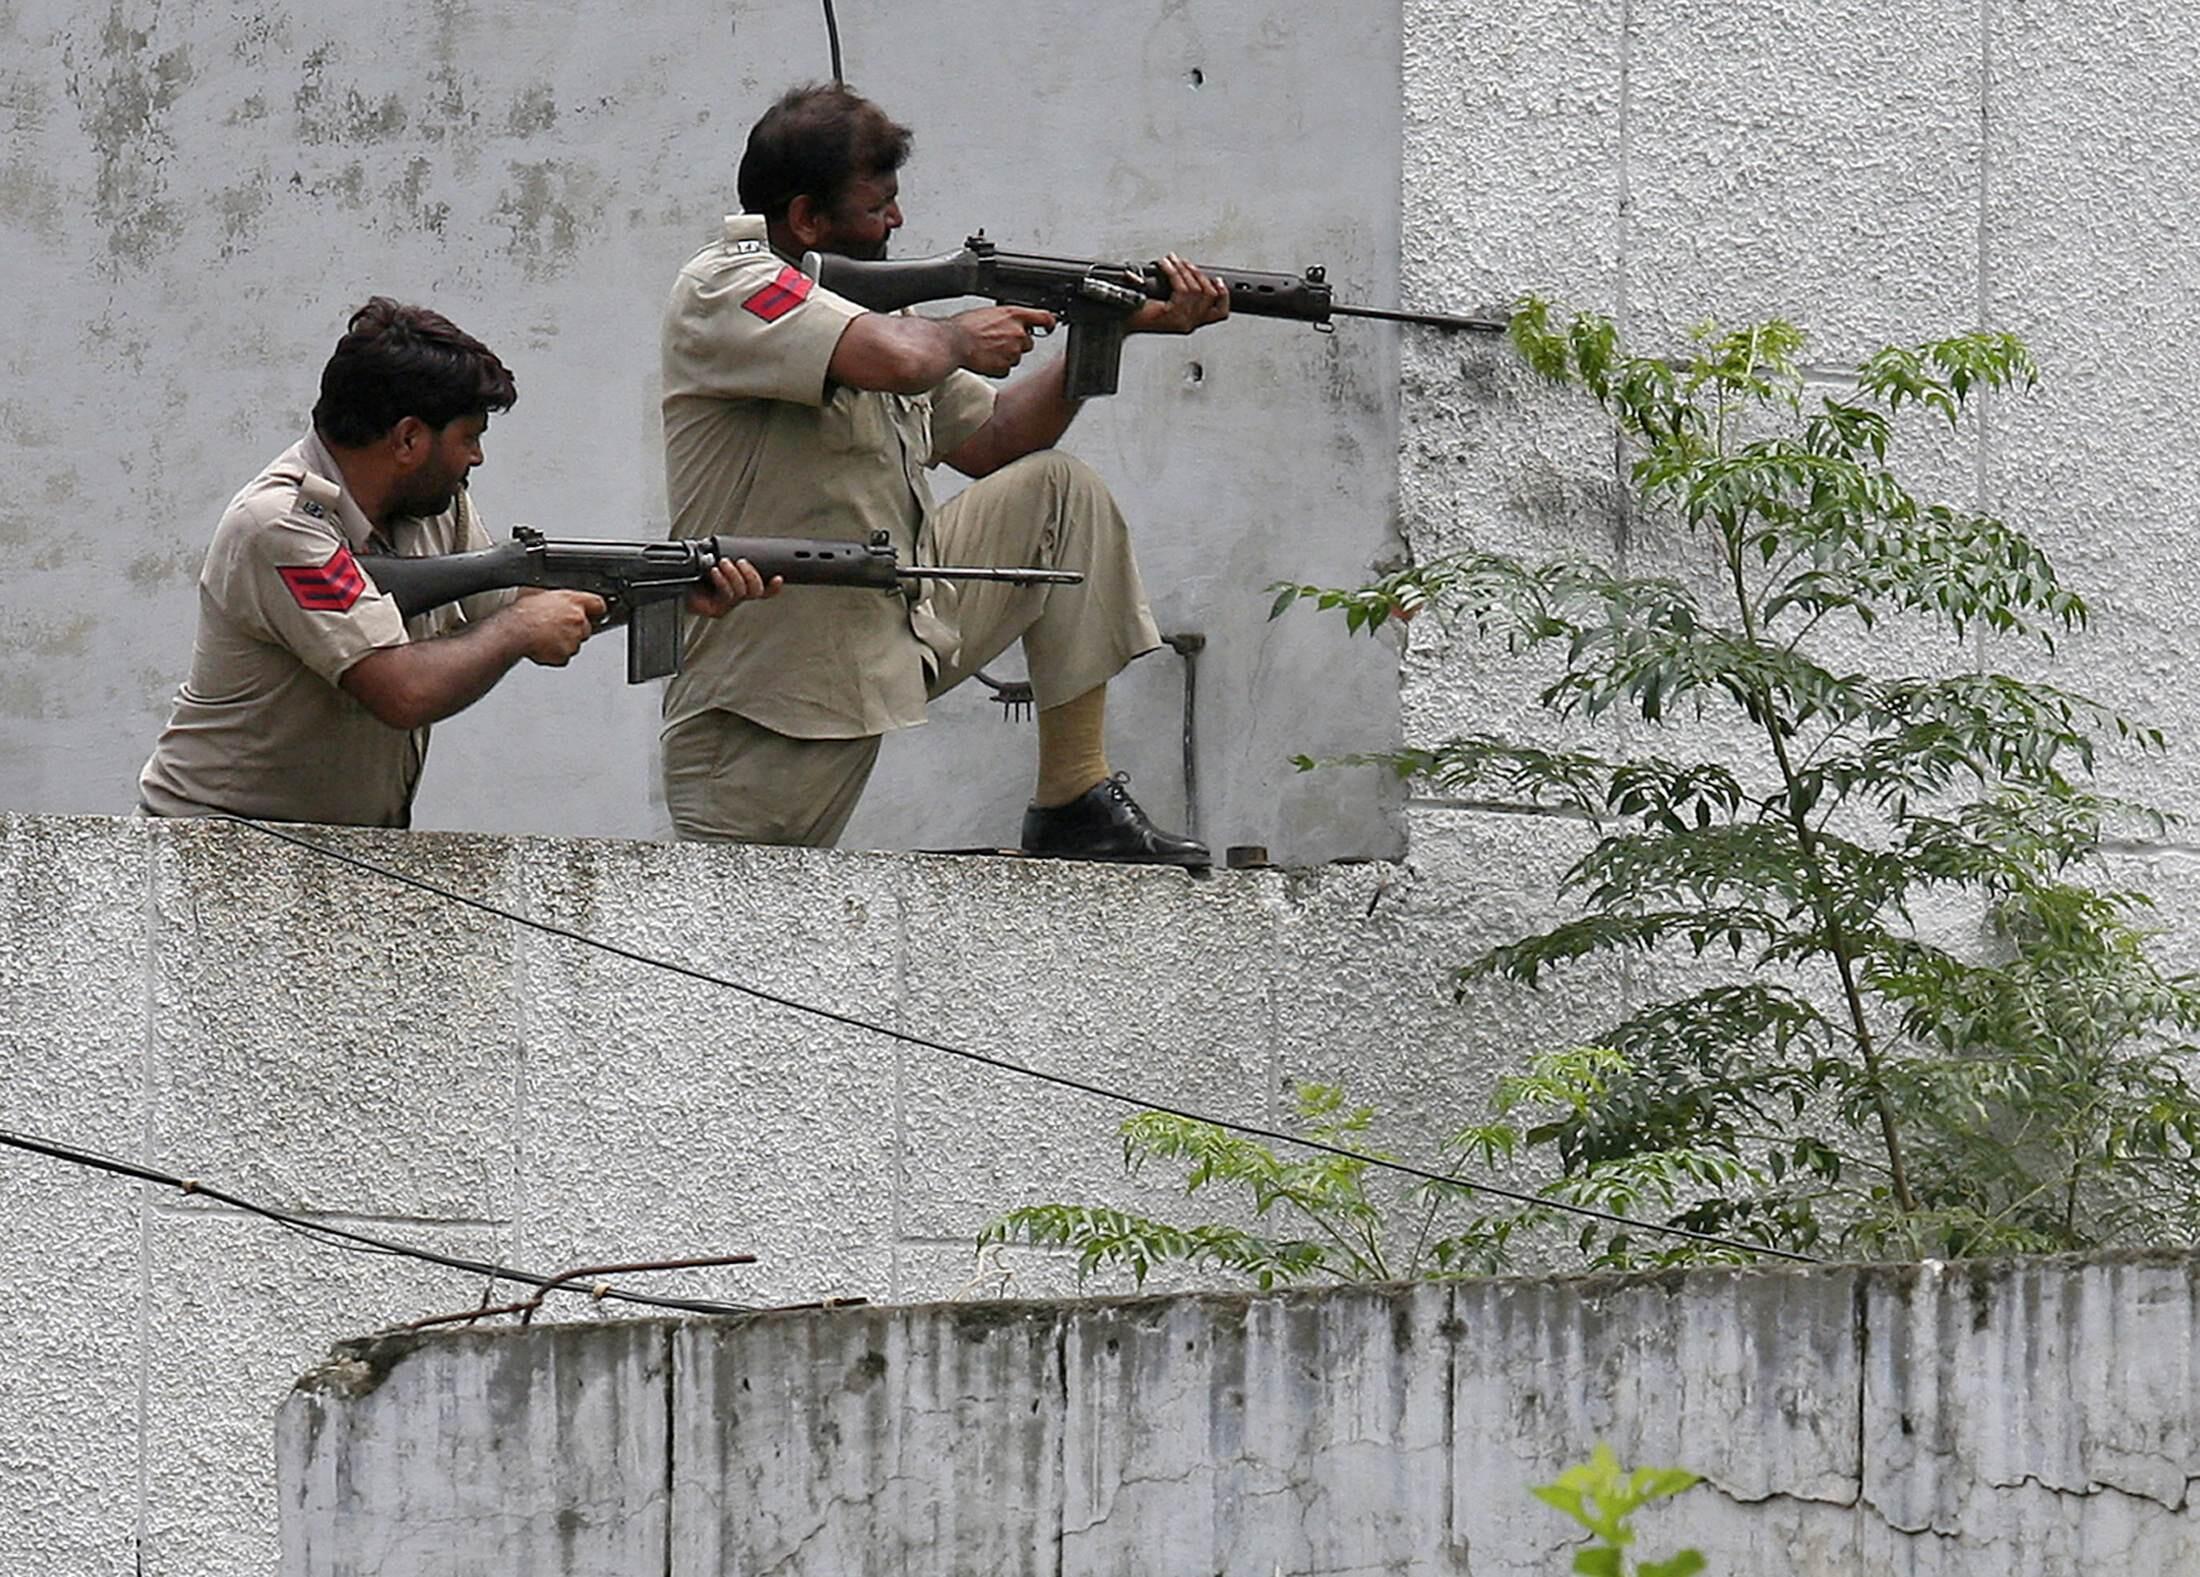 Les forces de sécurité indiennes font le siège du poste de police où se sont retranchés des terroristes encore non identifiés, dans la ville de Gurdaspur au Pendjab